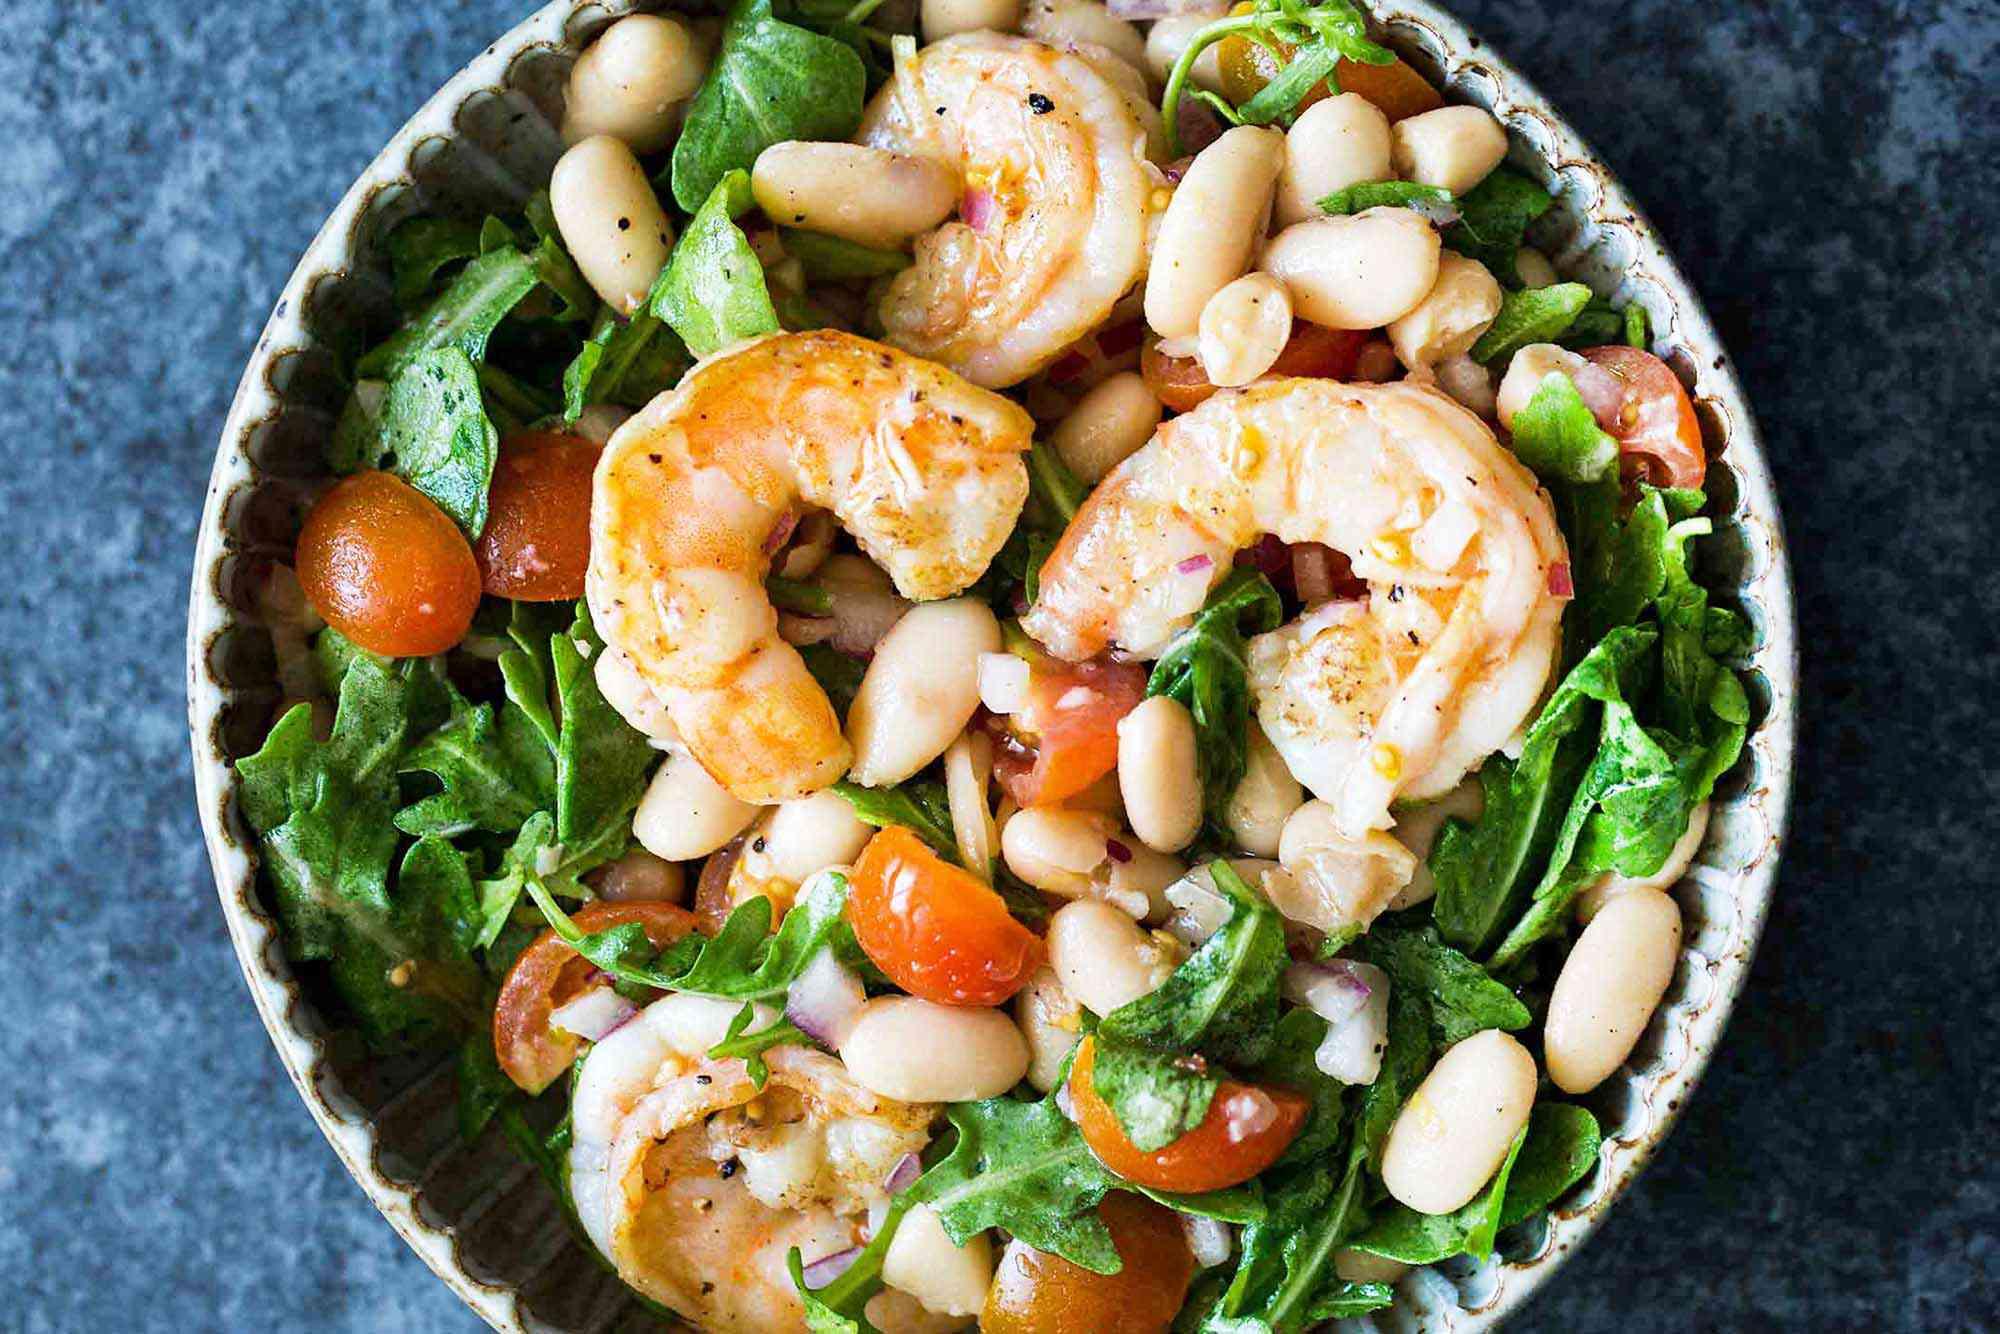 Shrimp, Arugula, White Bean, and Cherry Tomato Salad